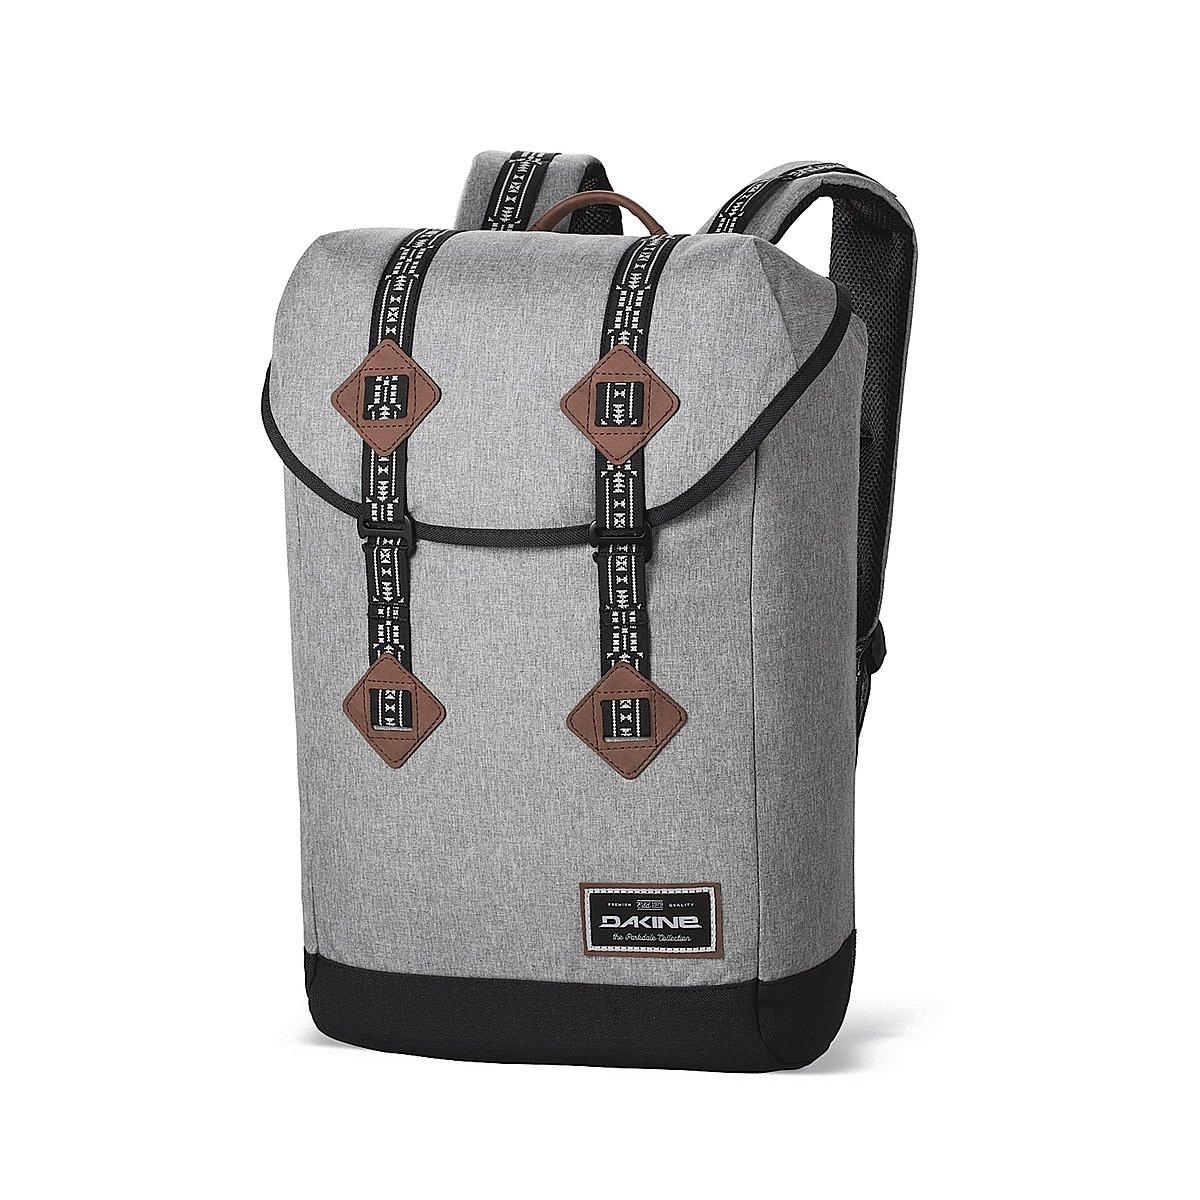 dakine rucksack trek sellwood mit laptopfach 26 liter volumen. Black Bedroom Furniture Sets. Home Design Ideas